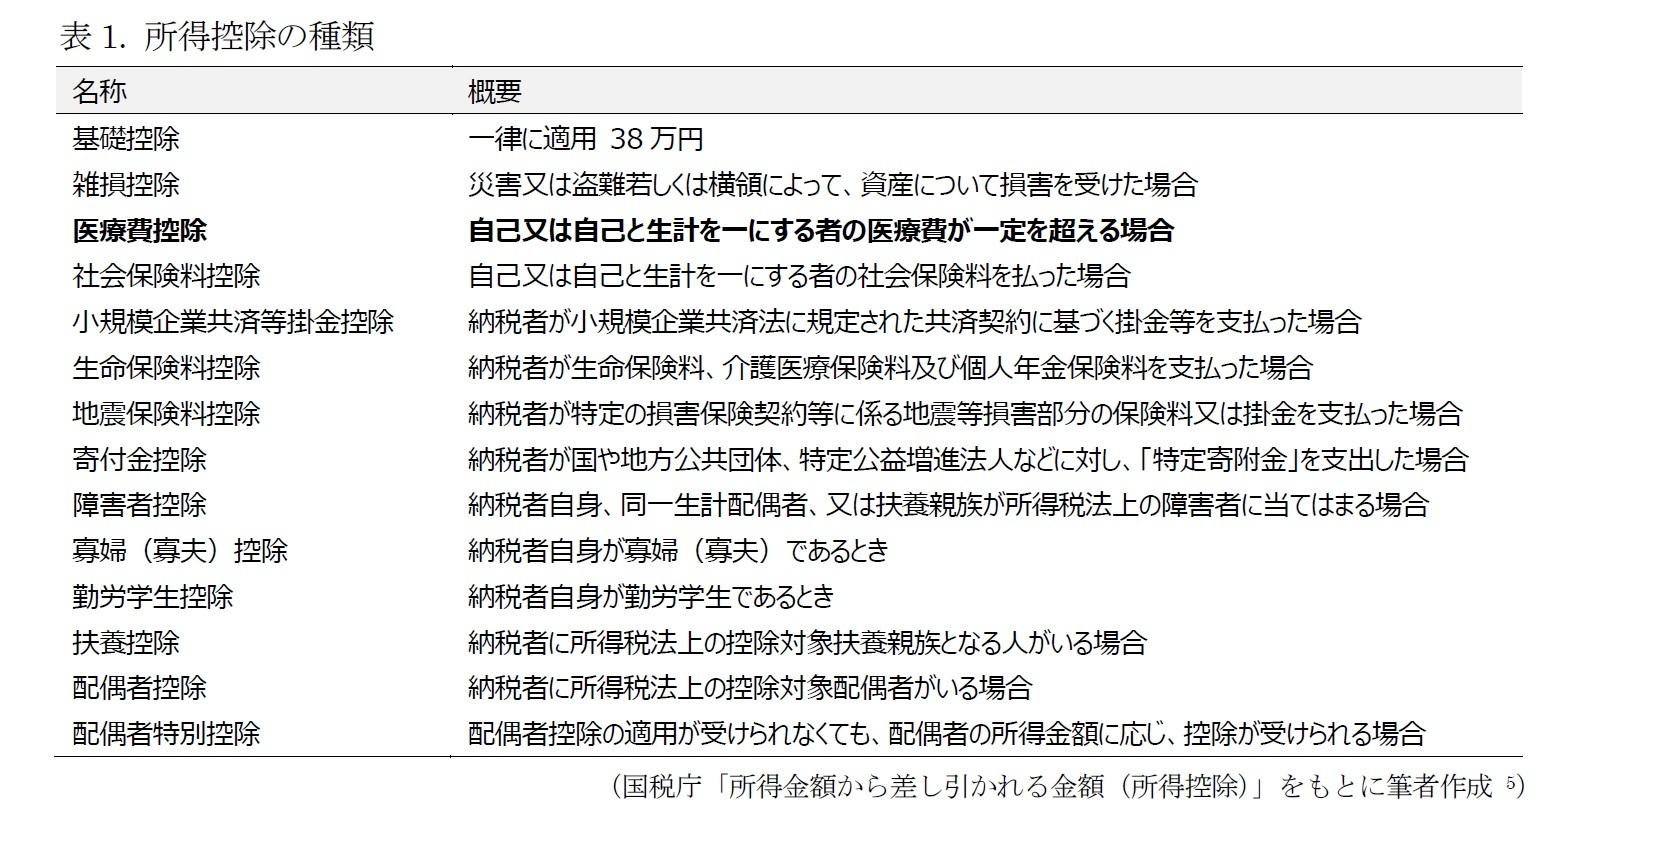 方法 控除 勤労 学生 申請